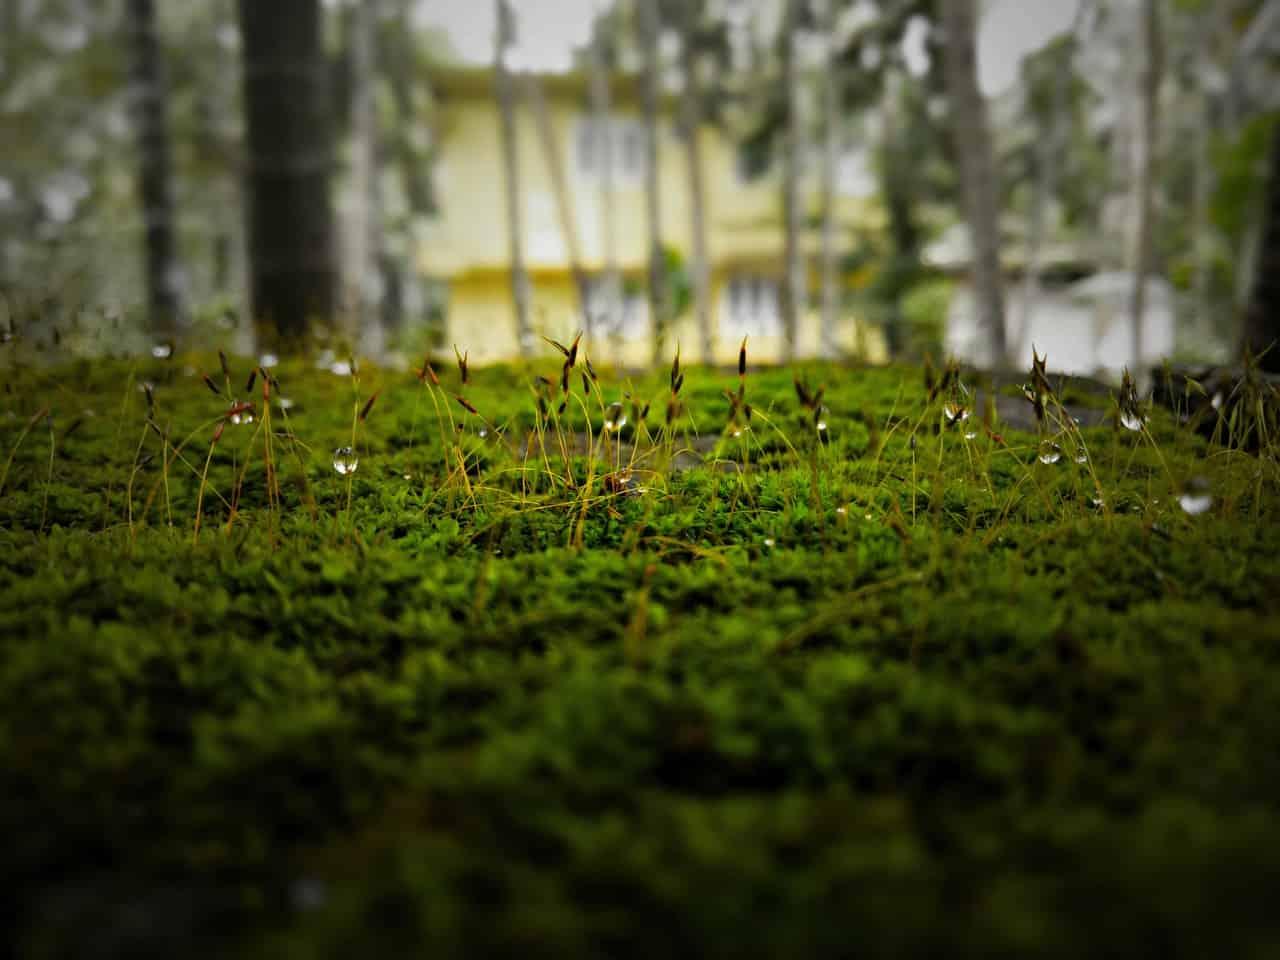 sloping-garden-ideas-4-trees